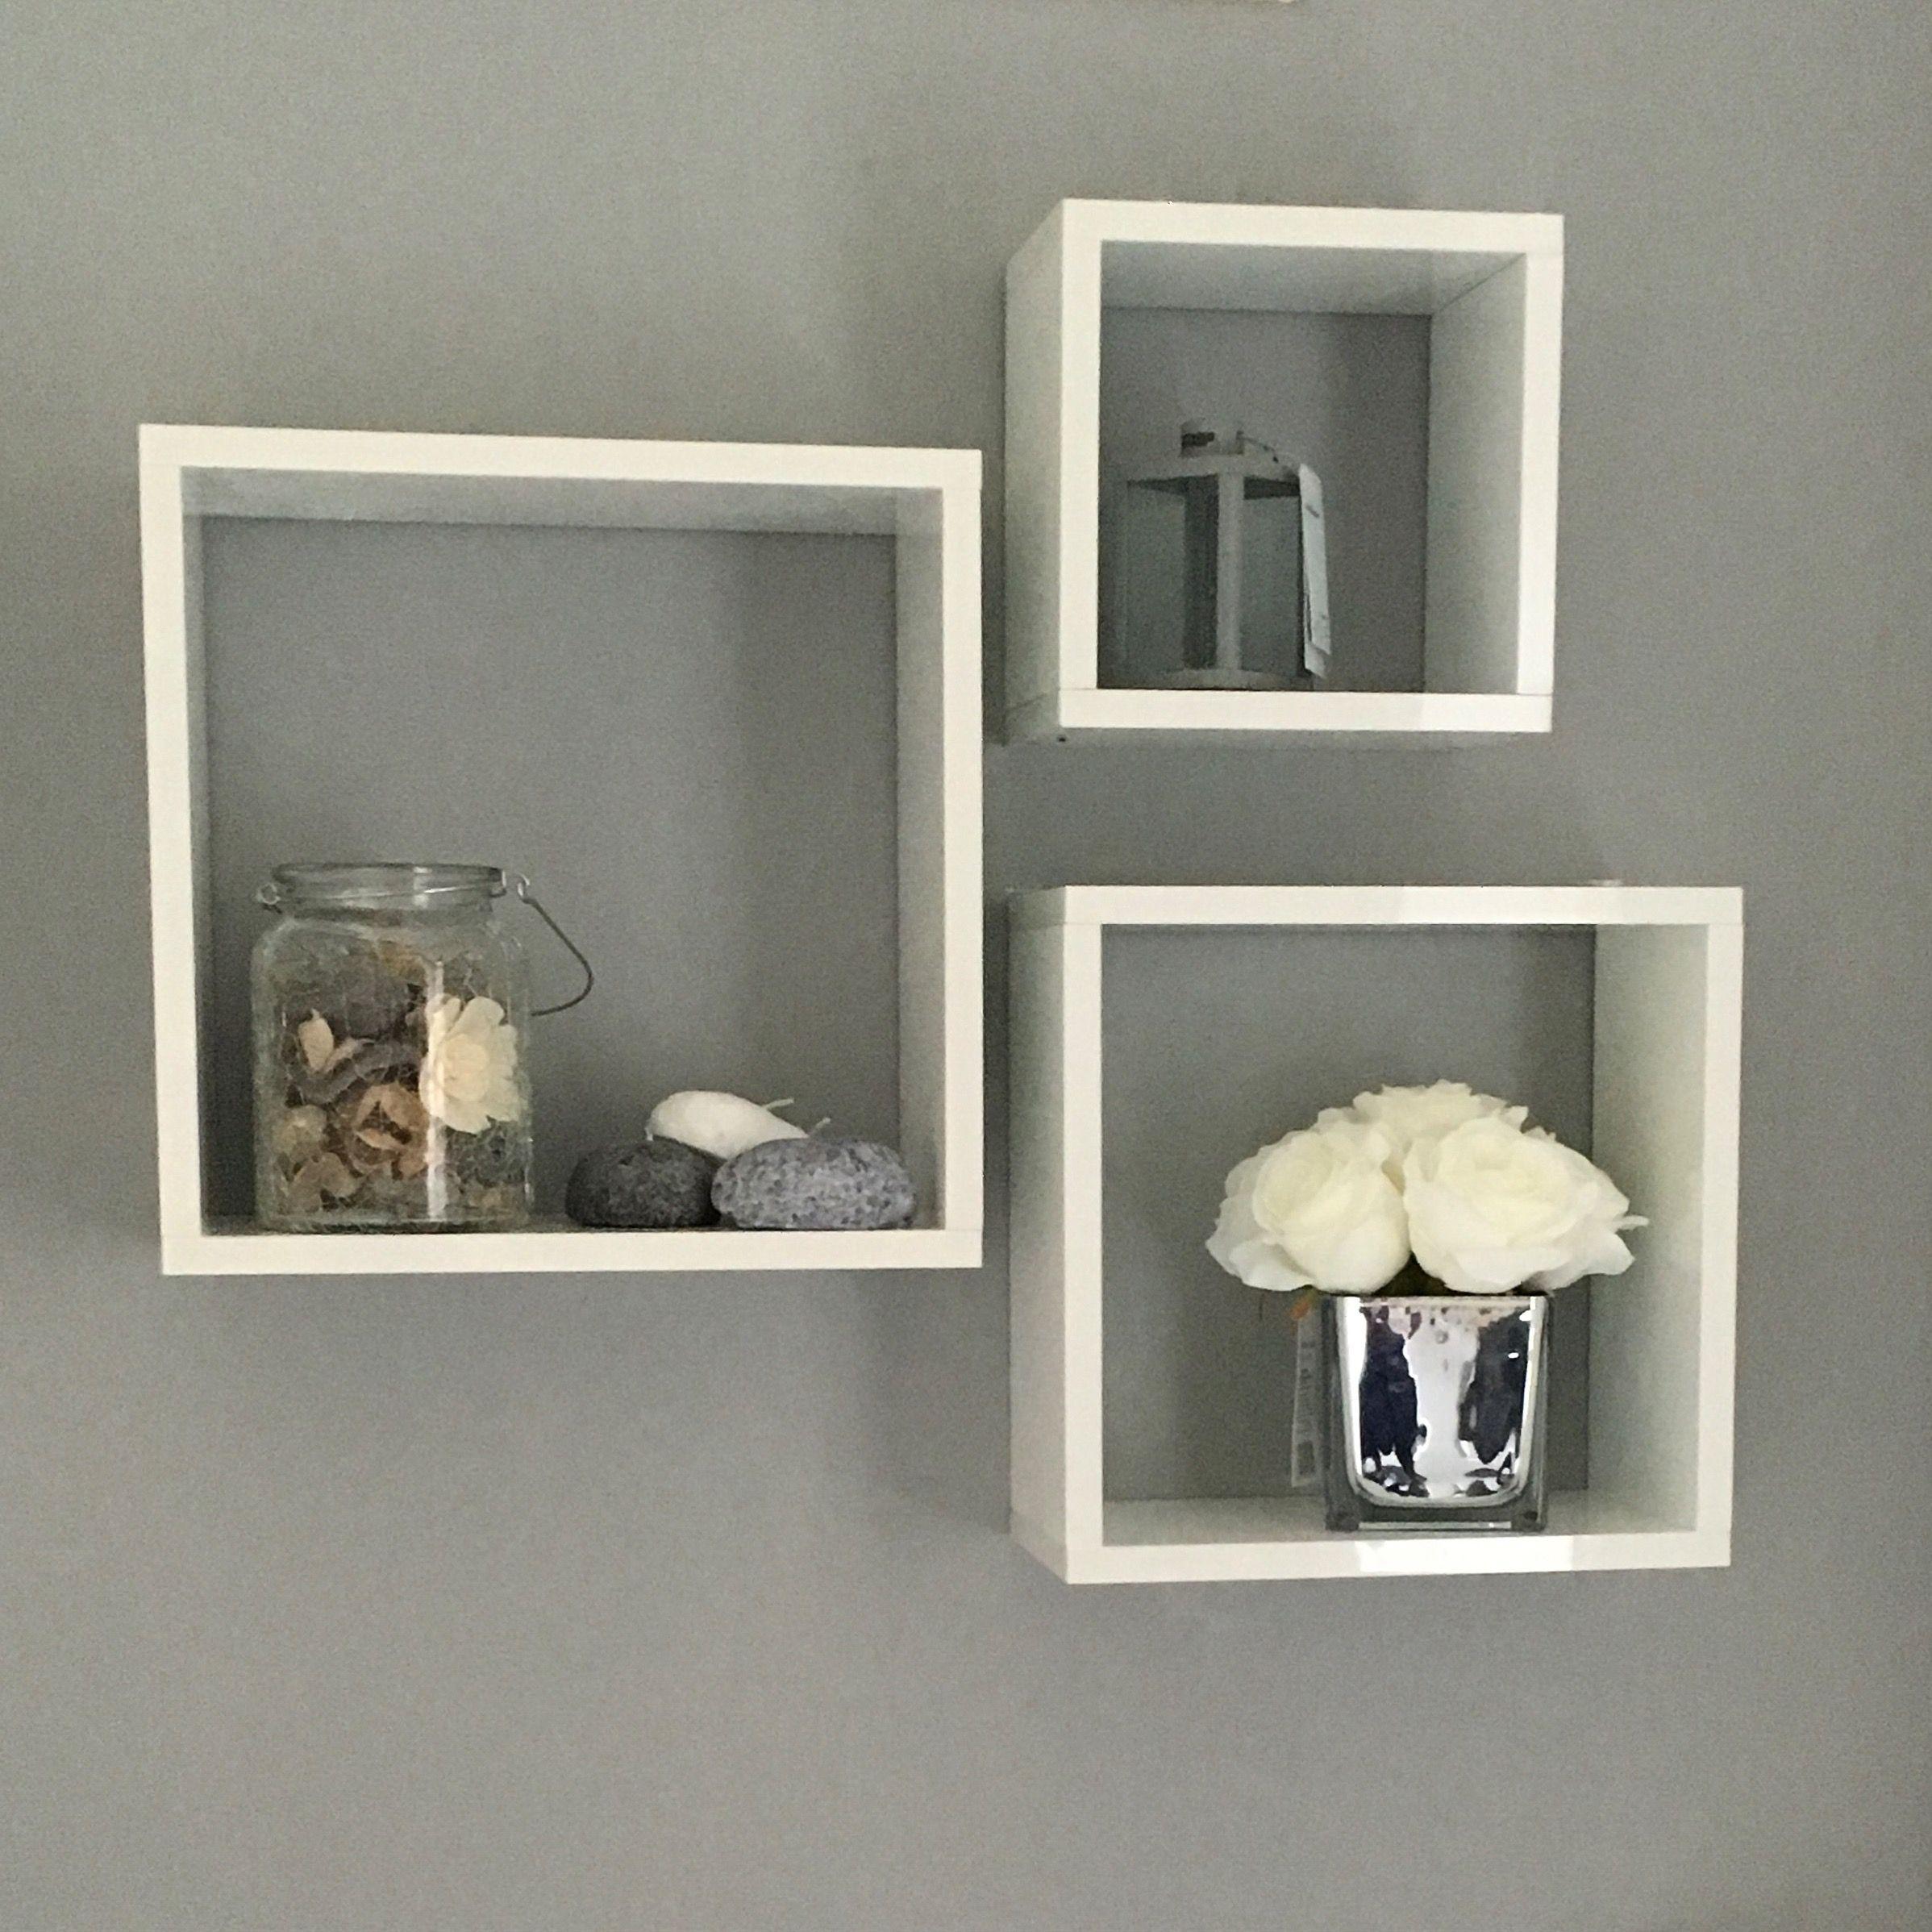 My Bathroom Wall Em 2020 Com Imagens Objetos De Decoracao